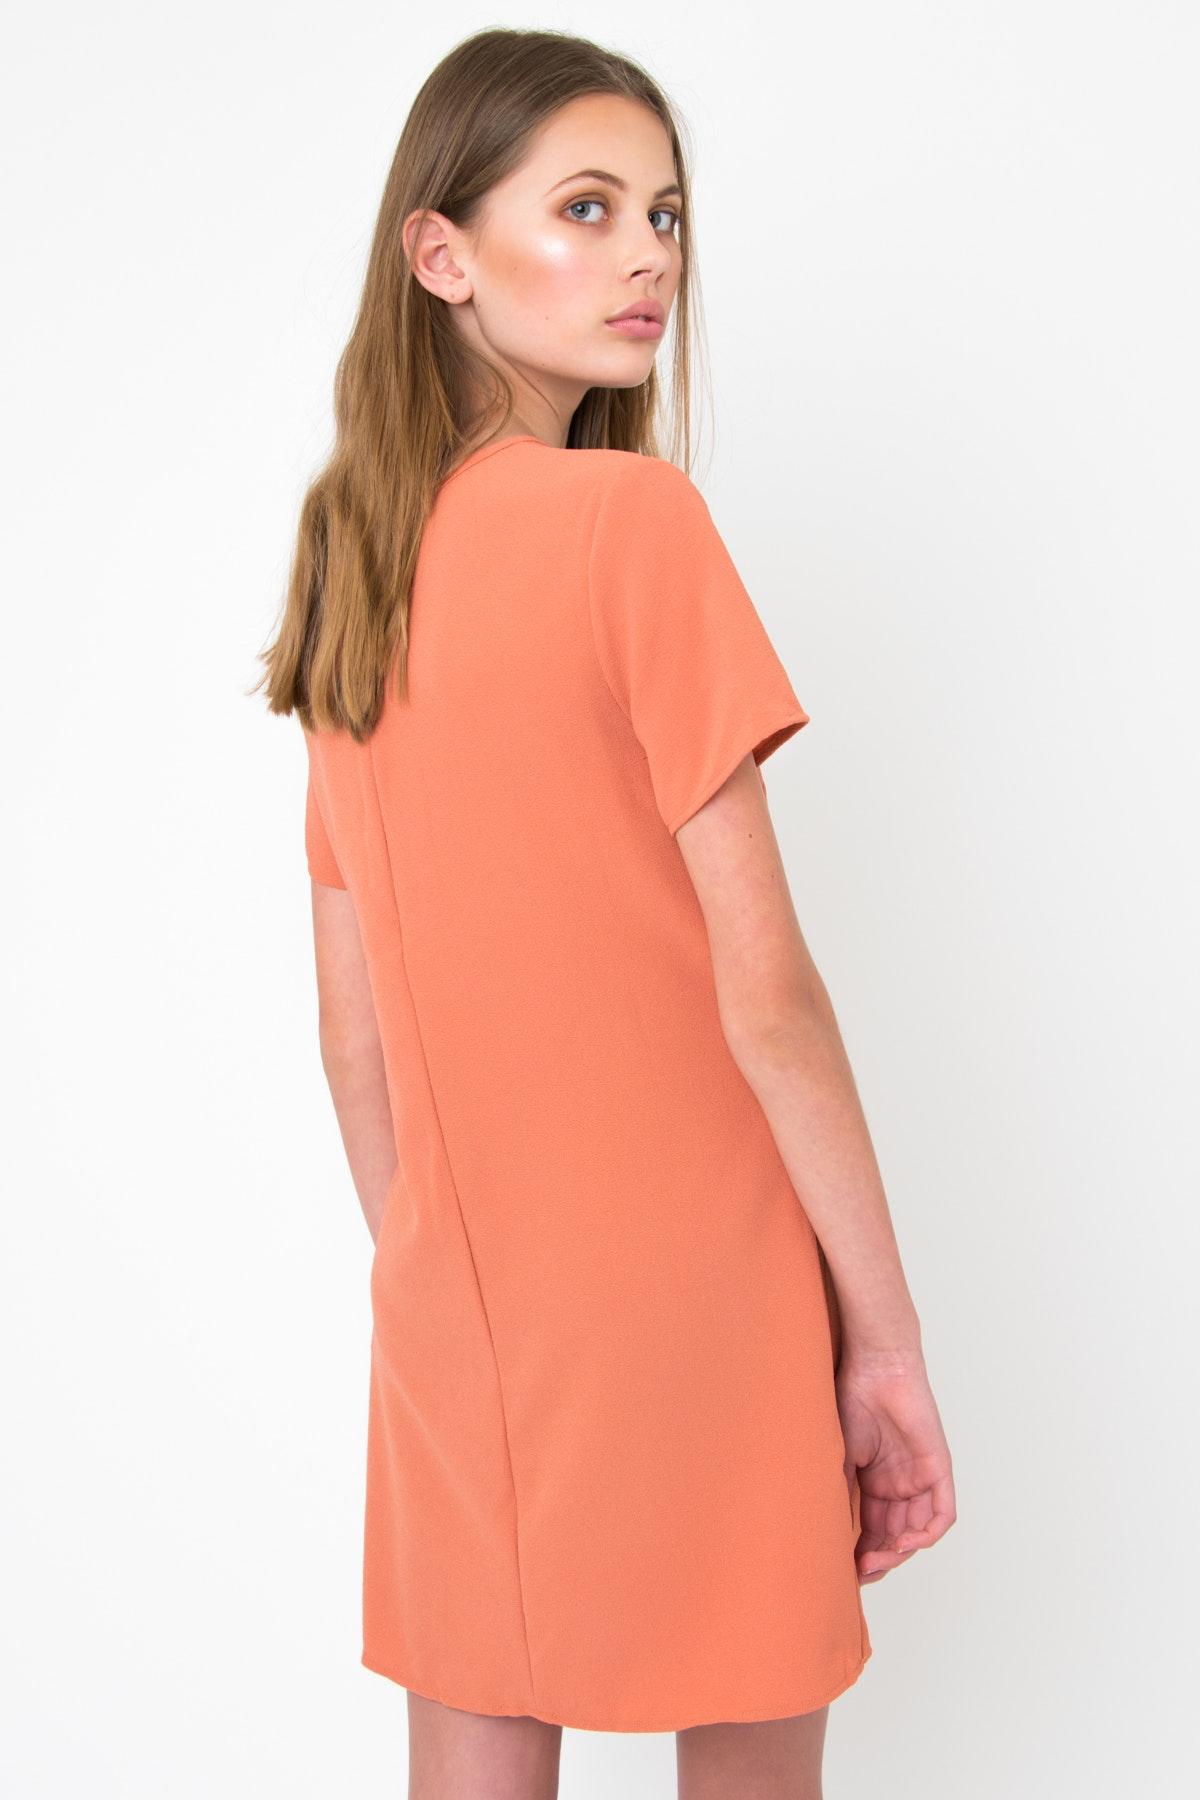 735ffe510001 Ebby and I - Gabriella Tie Dress - Coffee - Under  30 Fashion - Onceit